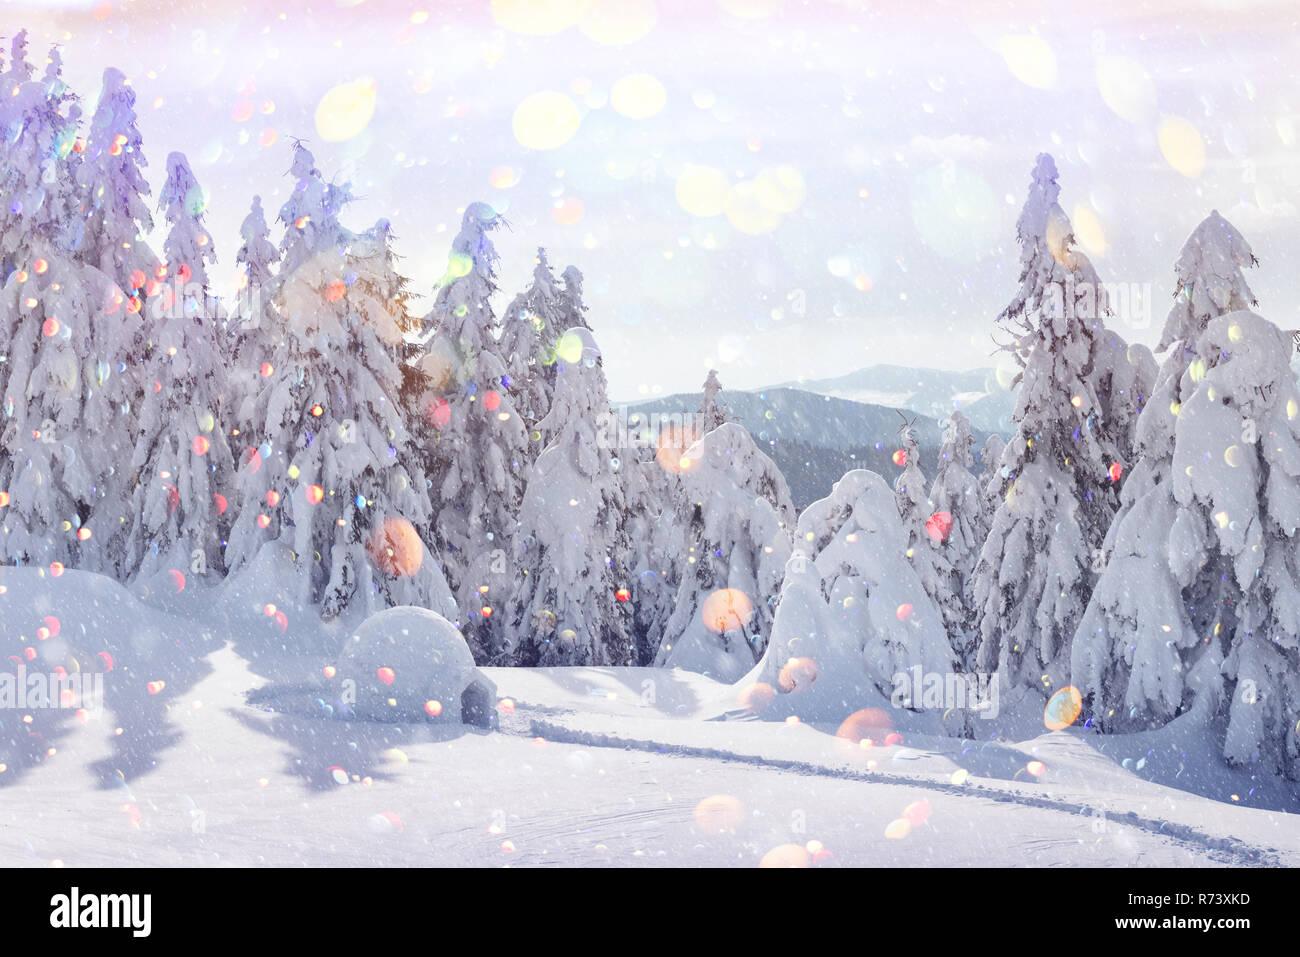 Neve Vera Casa Igloo In Inverno Le Montagne Dei Carpazi Coperte